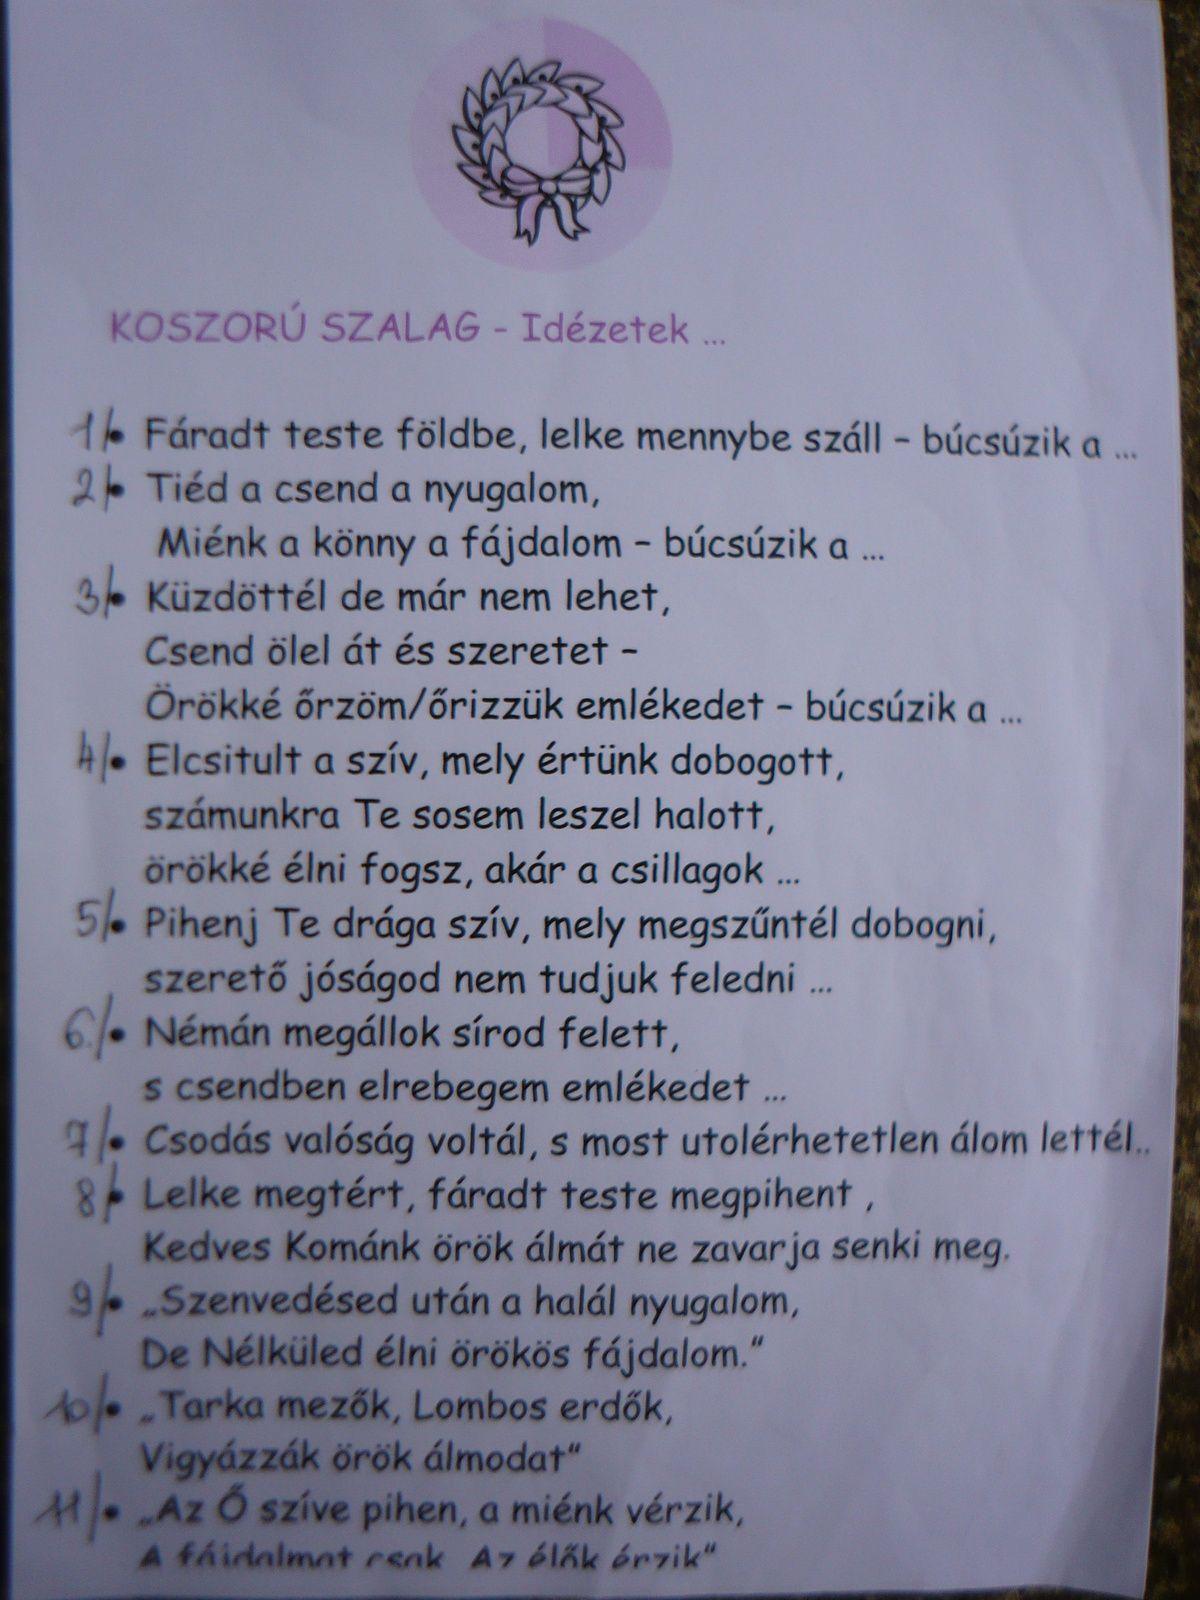 temetési idézetek szalagra Jusztina képe.   Personalized items, Person, Receipt